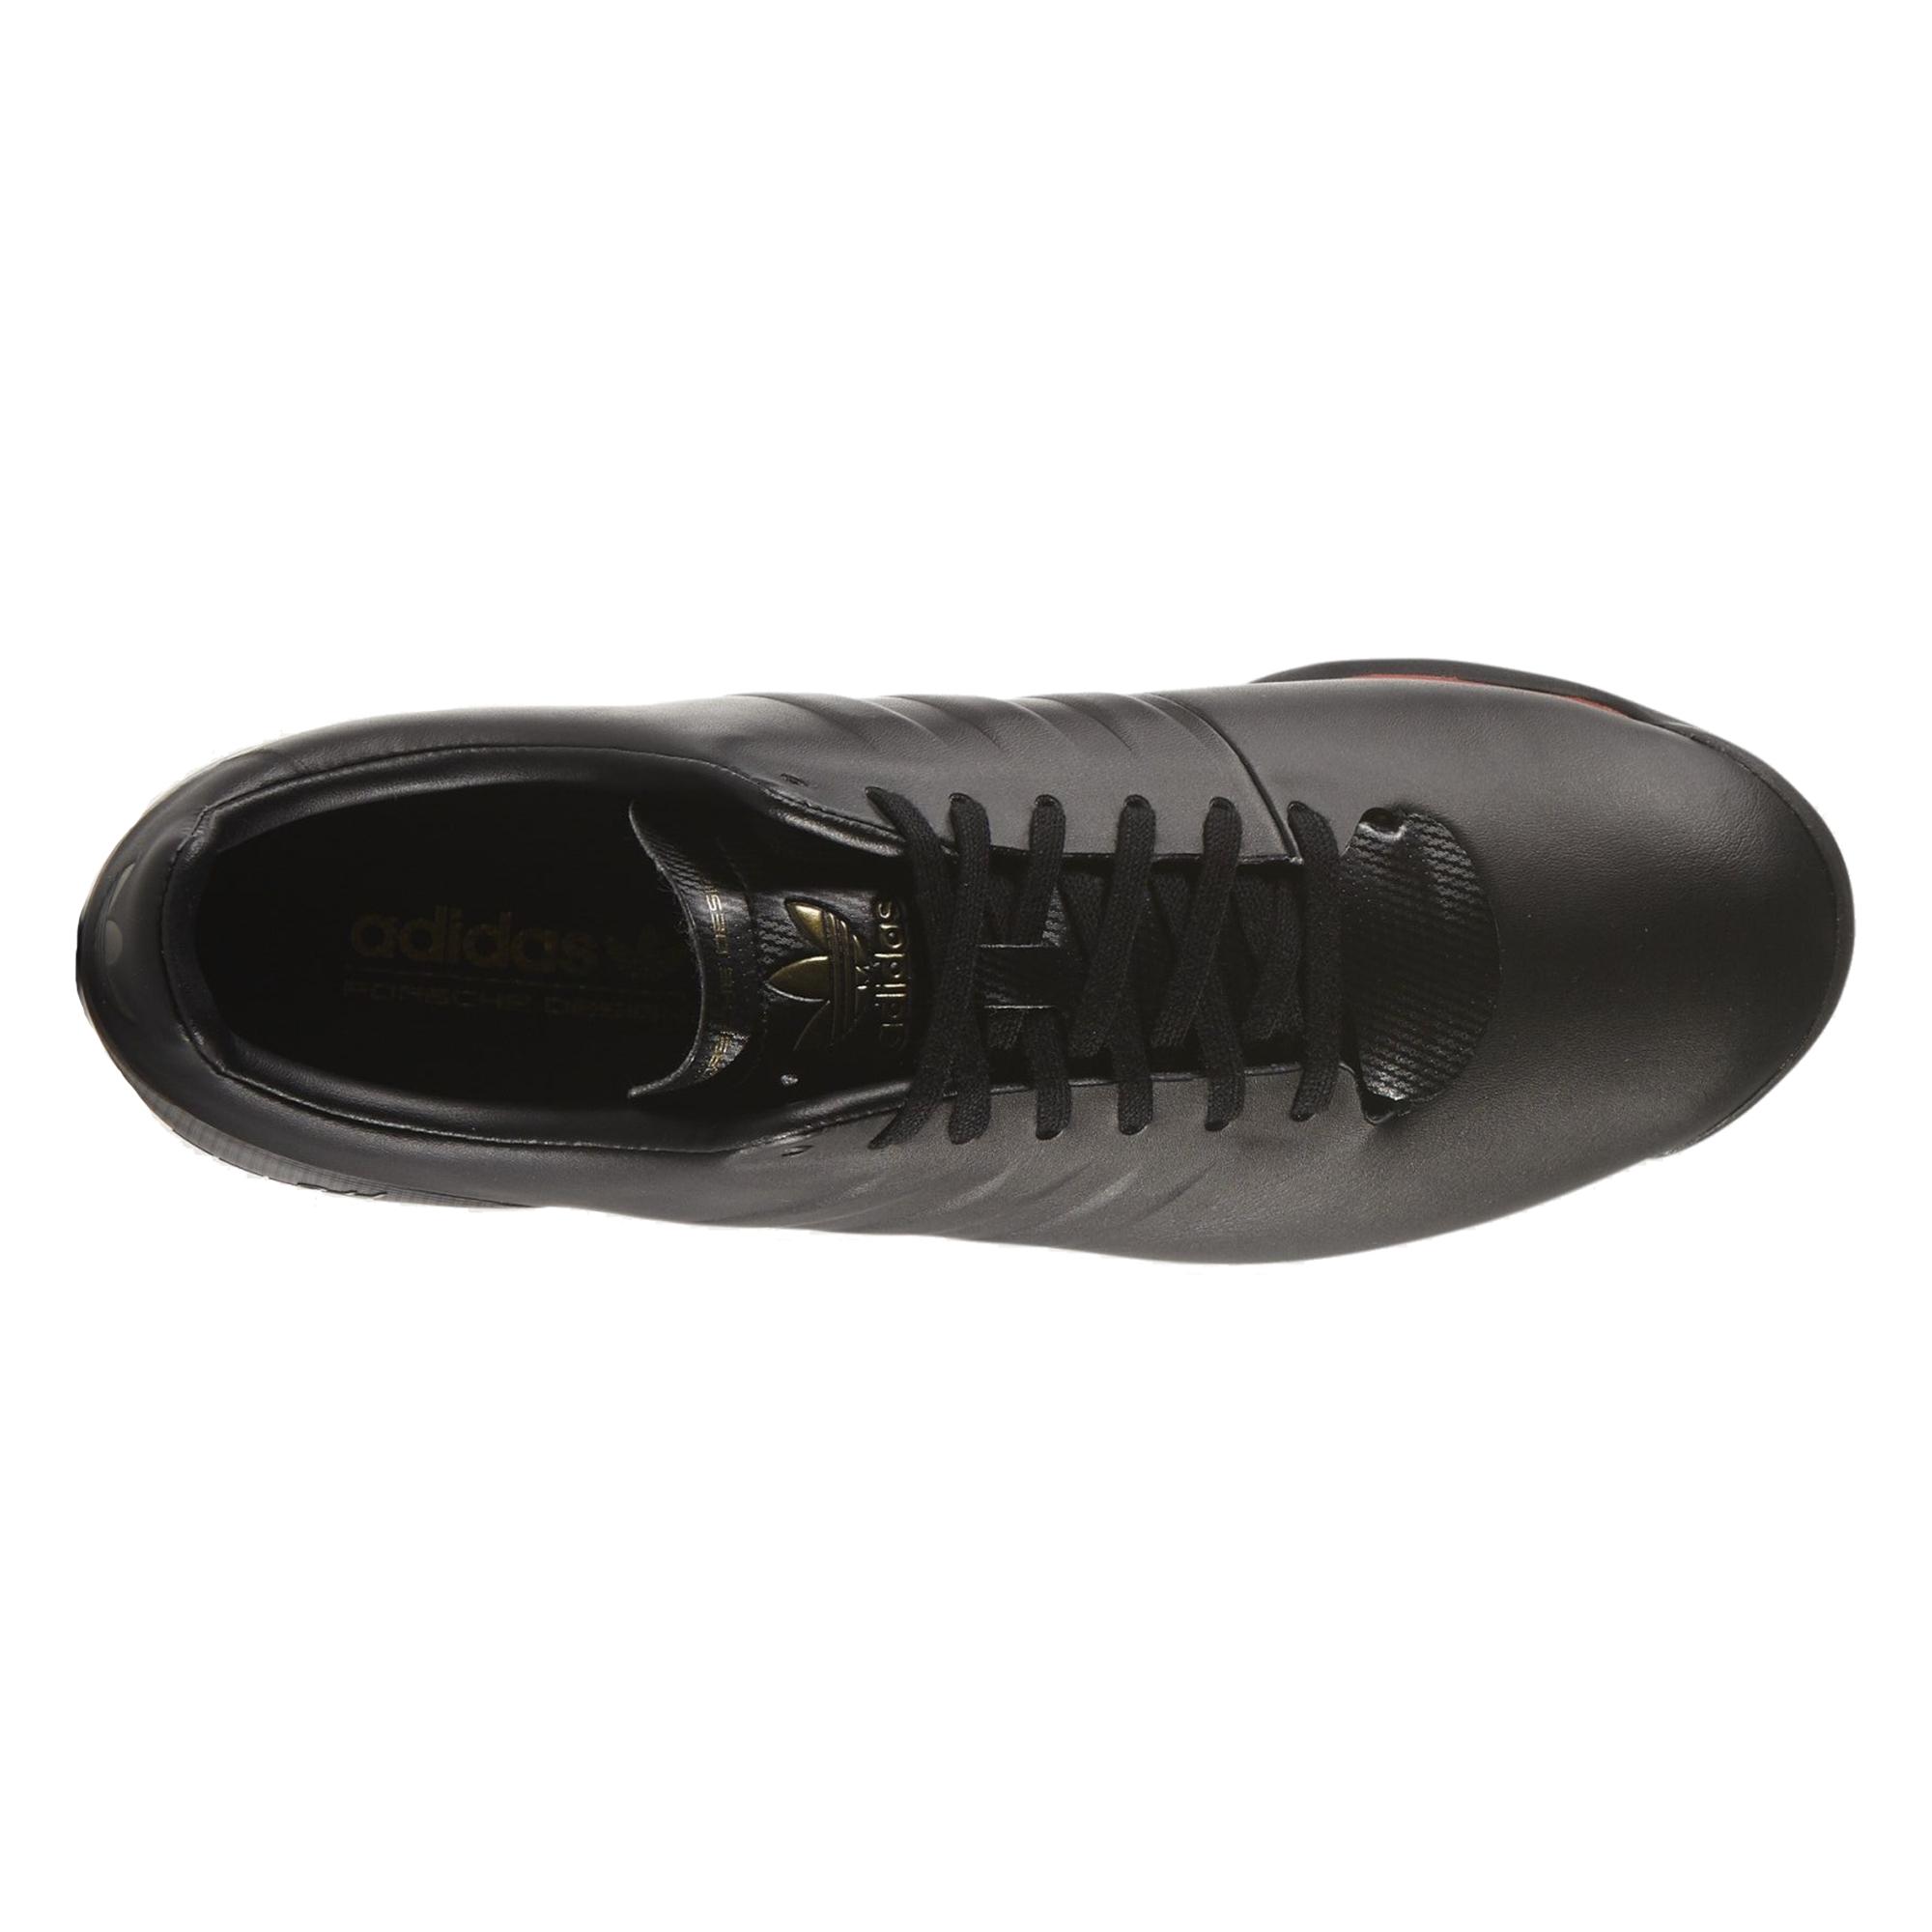 italy adidas porsche design 911 2.0 ff9a5 5dbb5